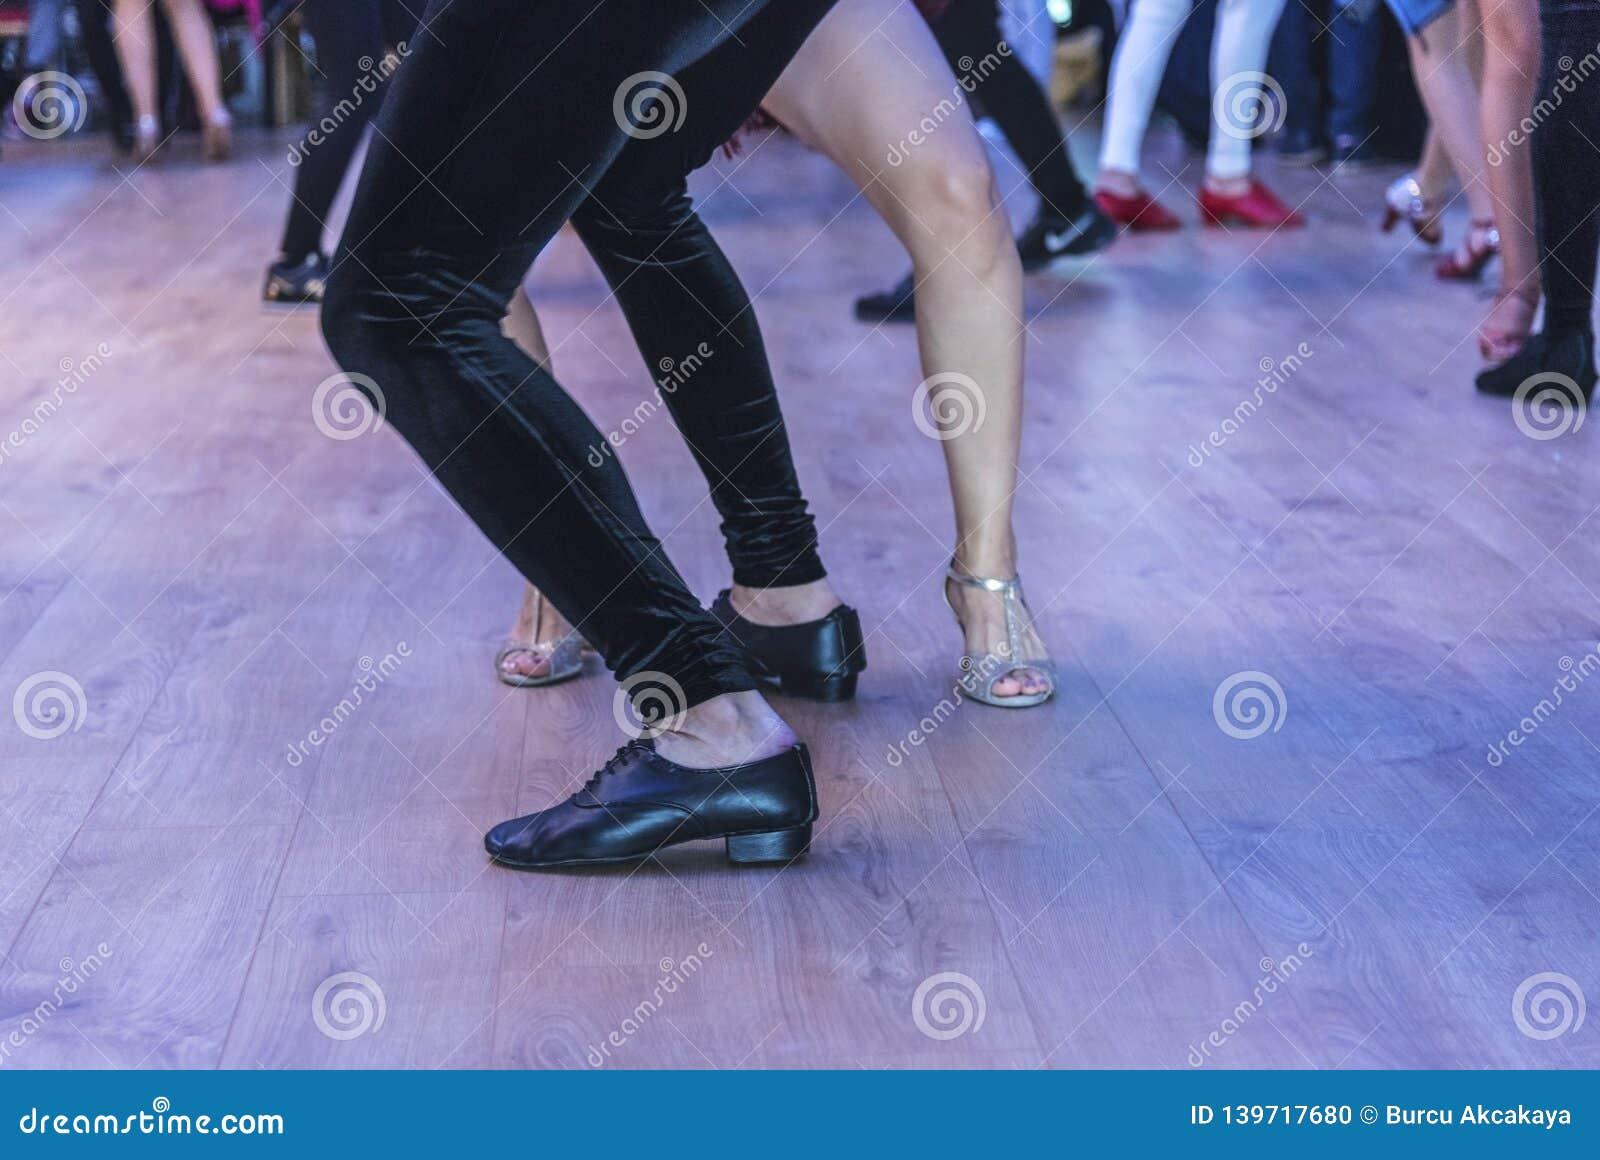 Executores em um salão de baile, interno, pés da dança da salsa dos detalhes, fim acima